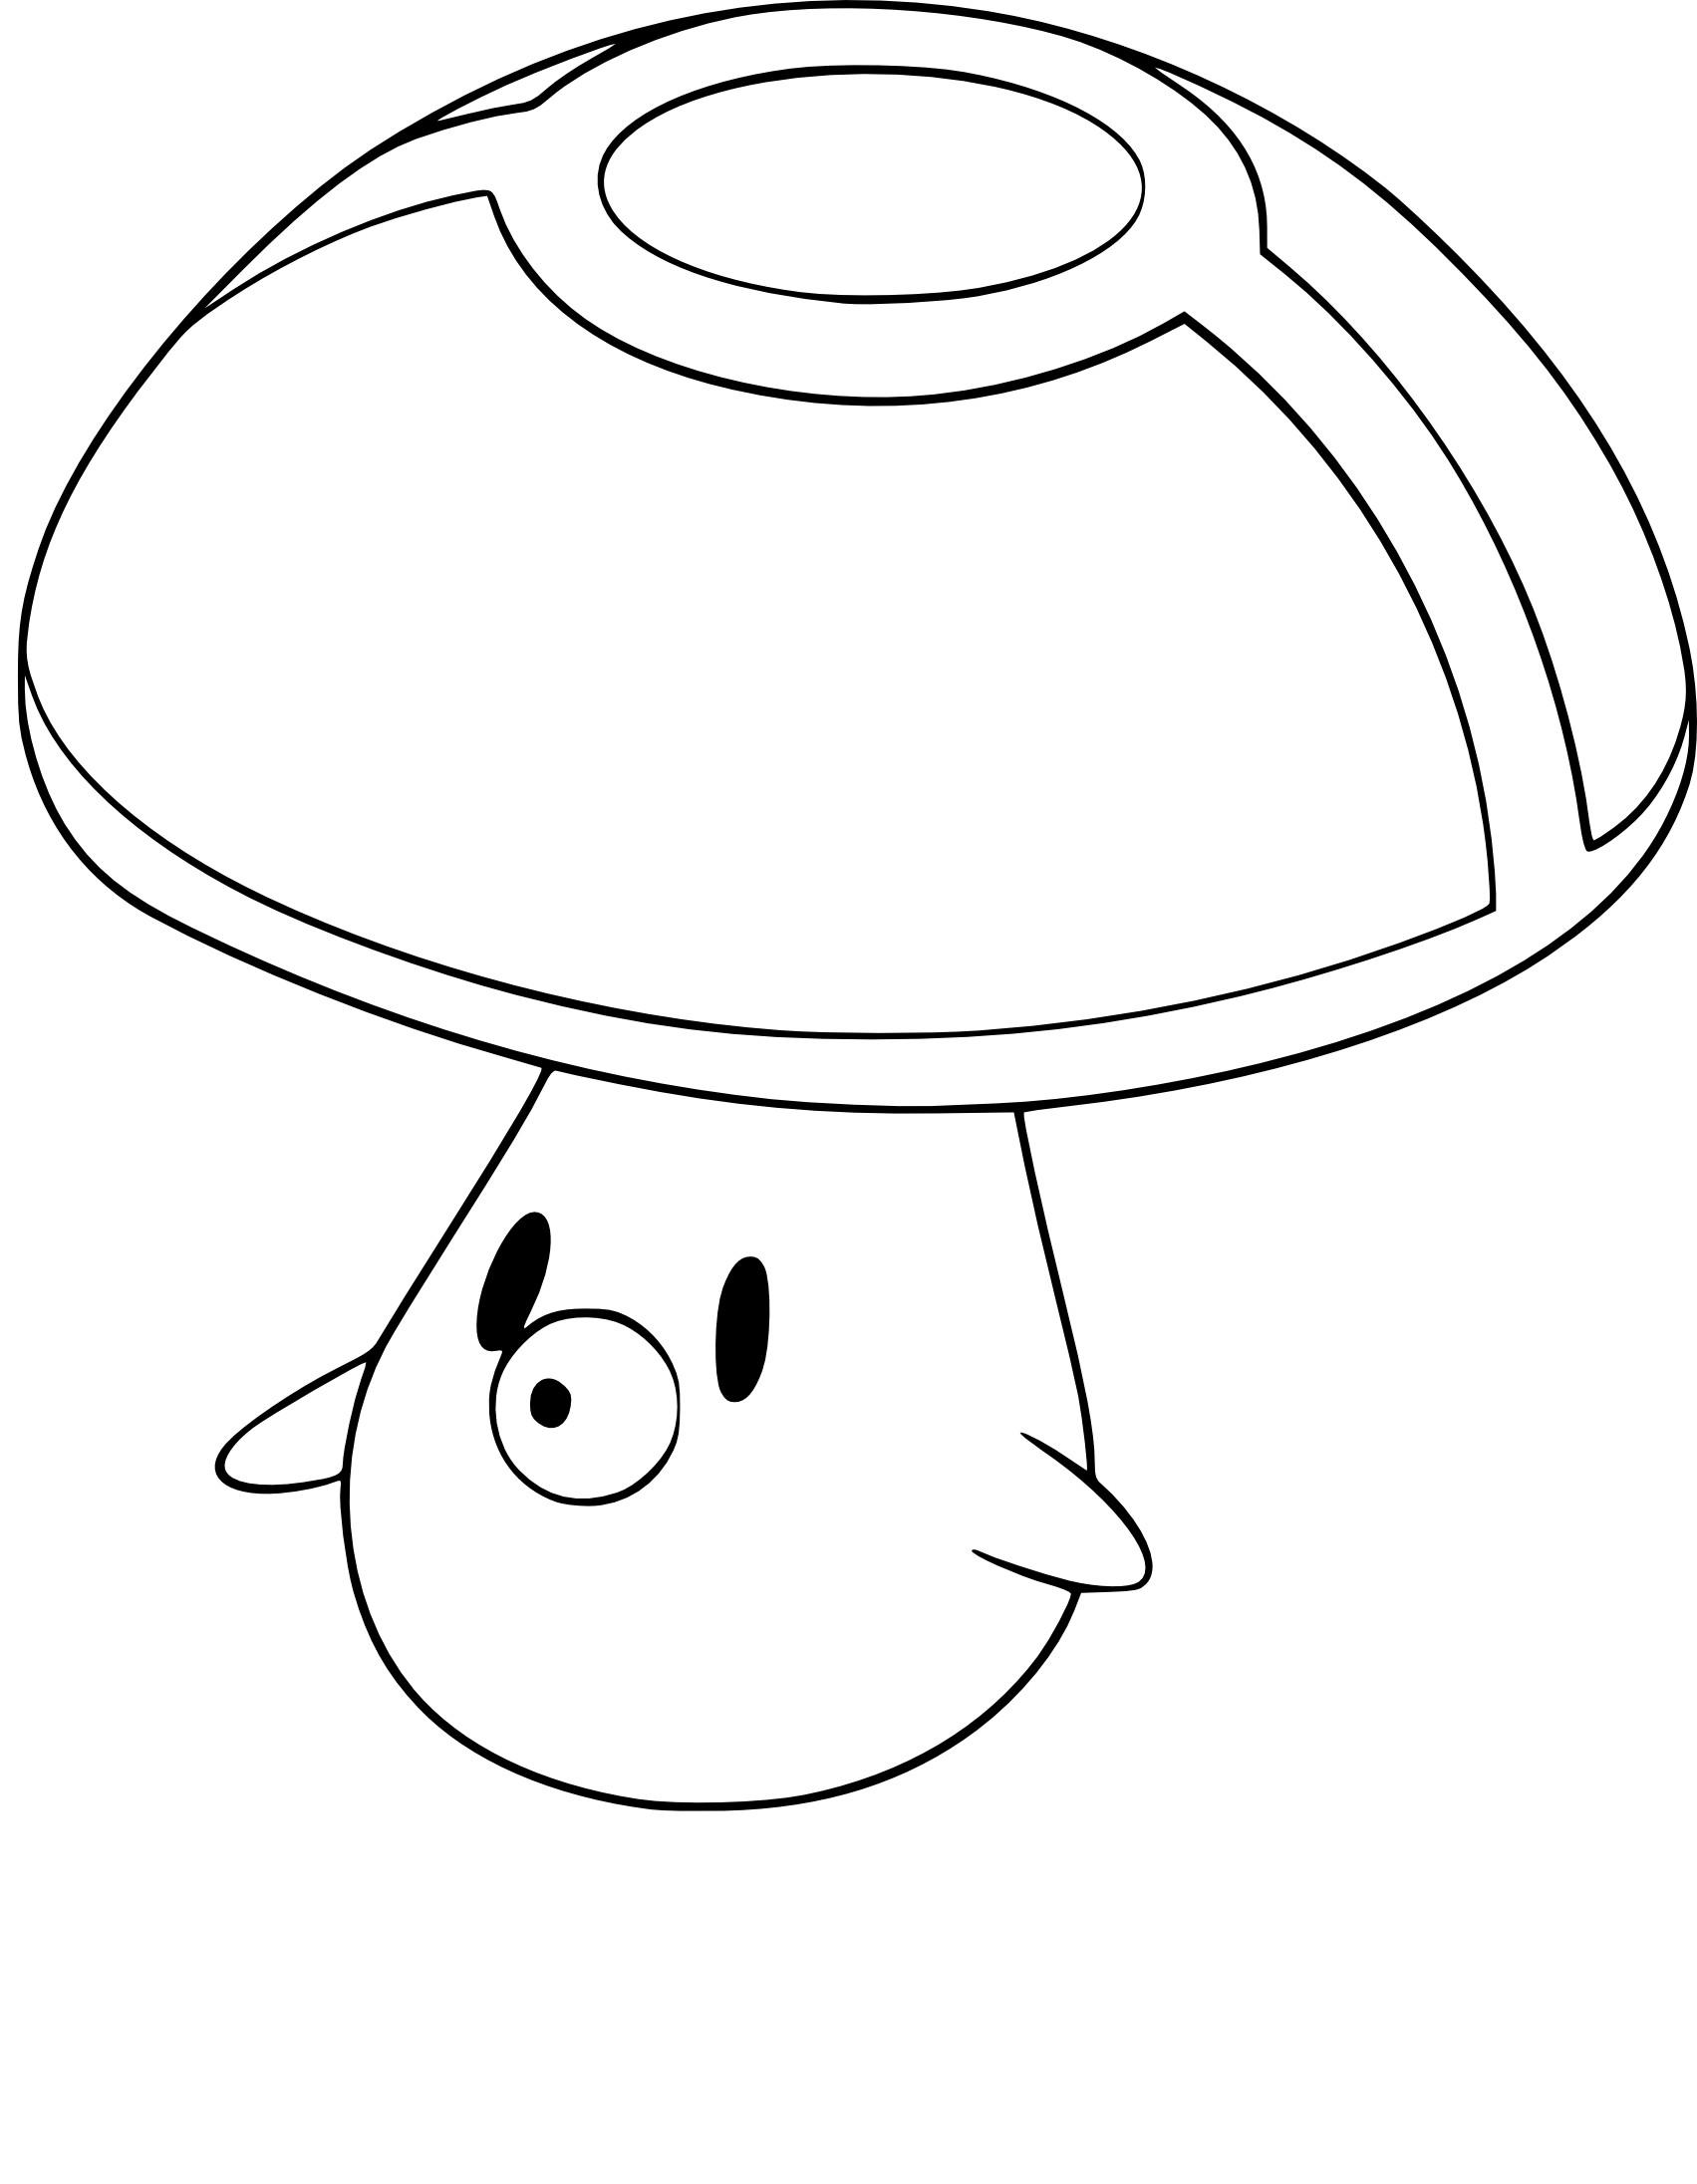 Coloriage Trompignon Pokemon Imprimer